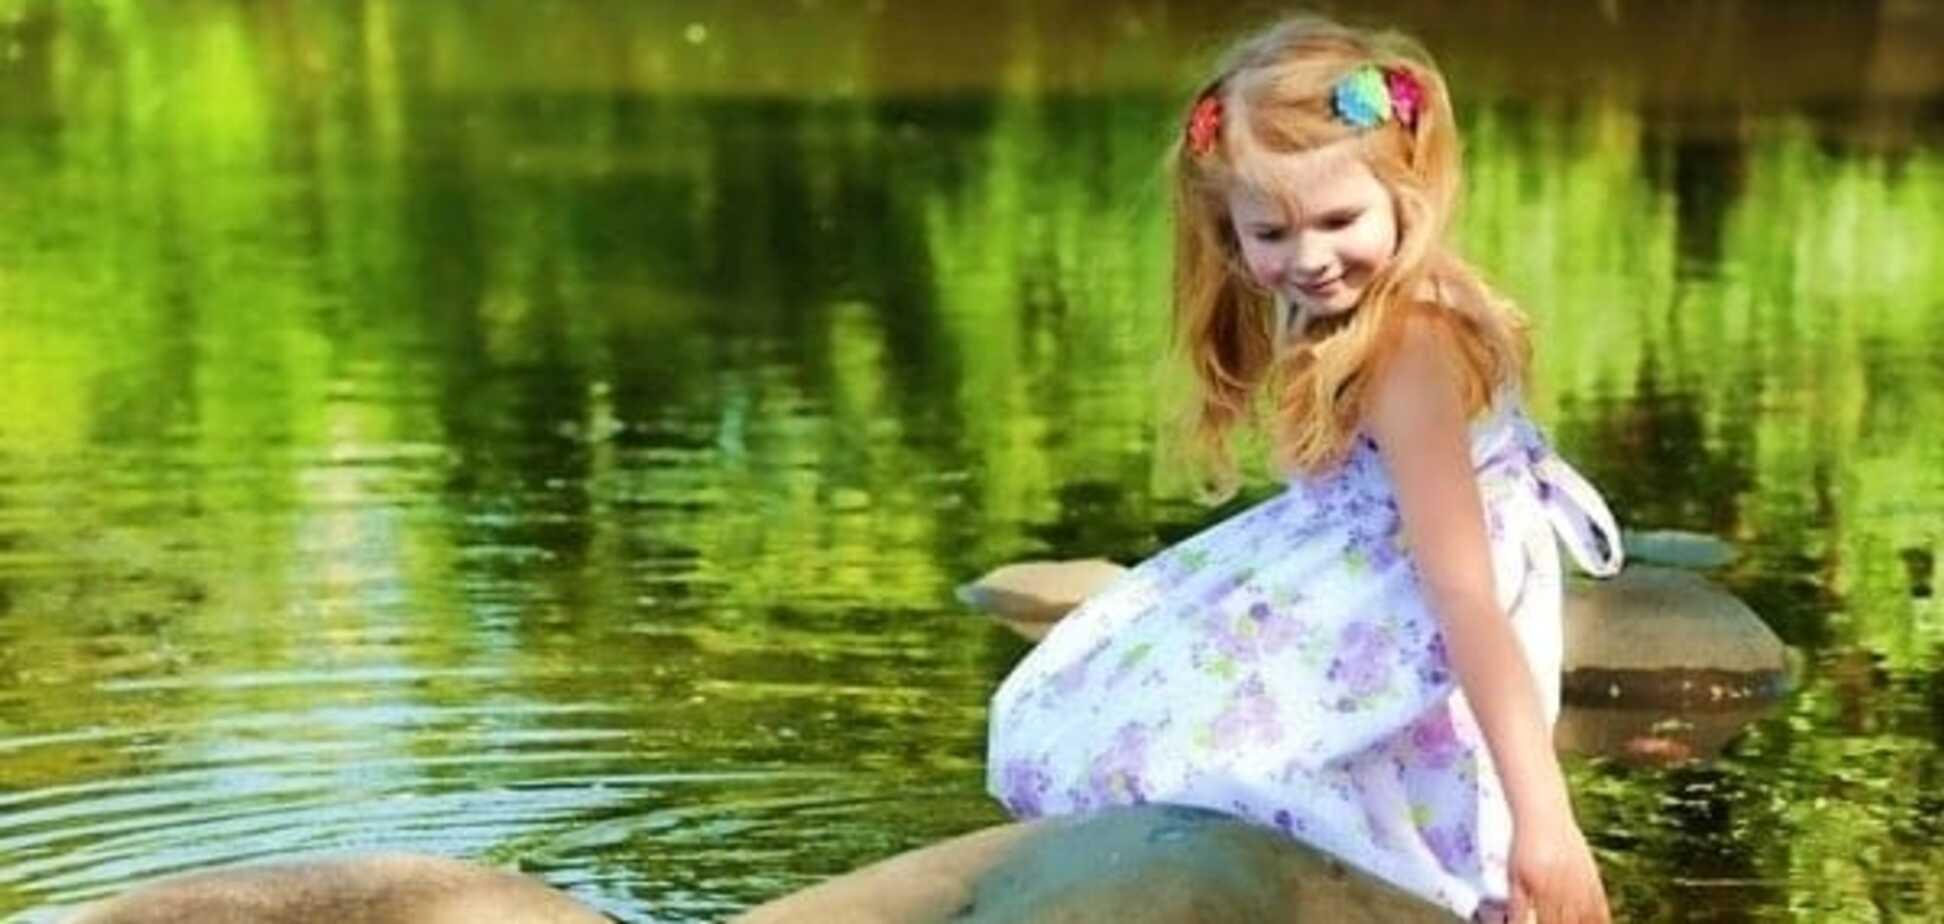 Естетичне виховання дітей (старший дошкільний вік)